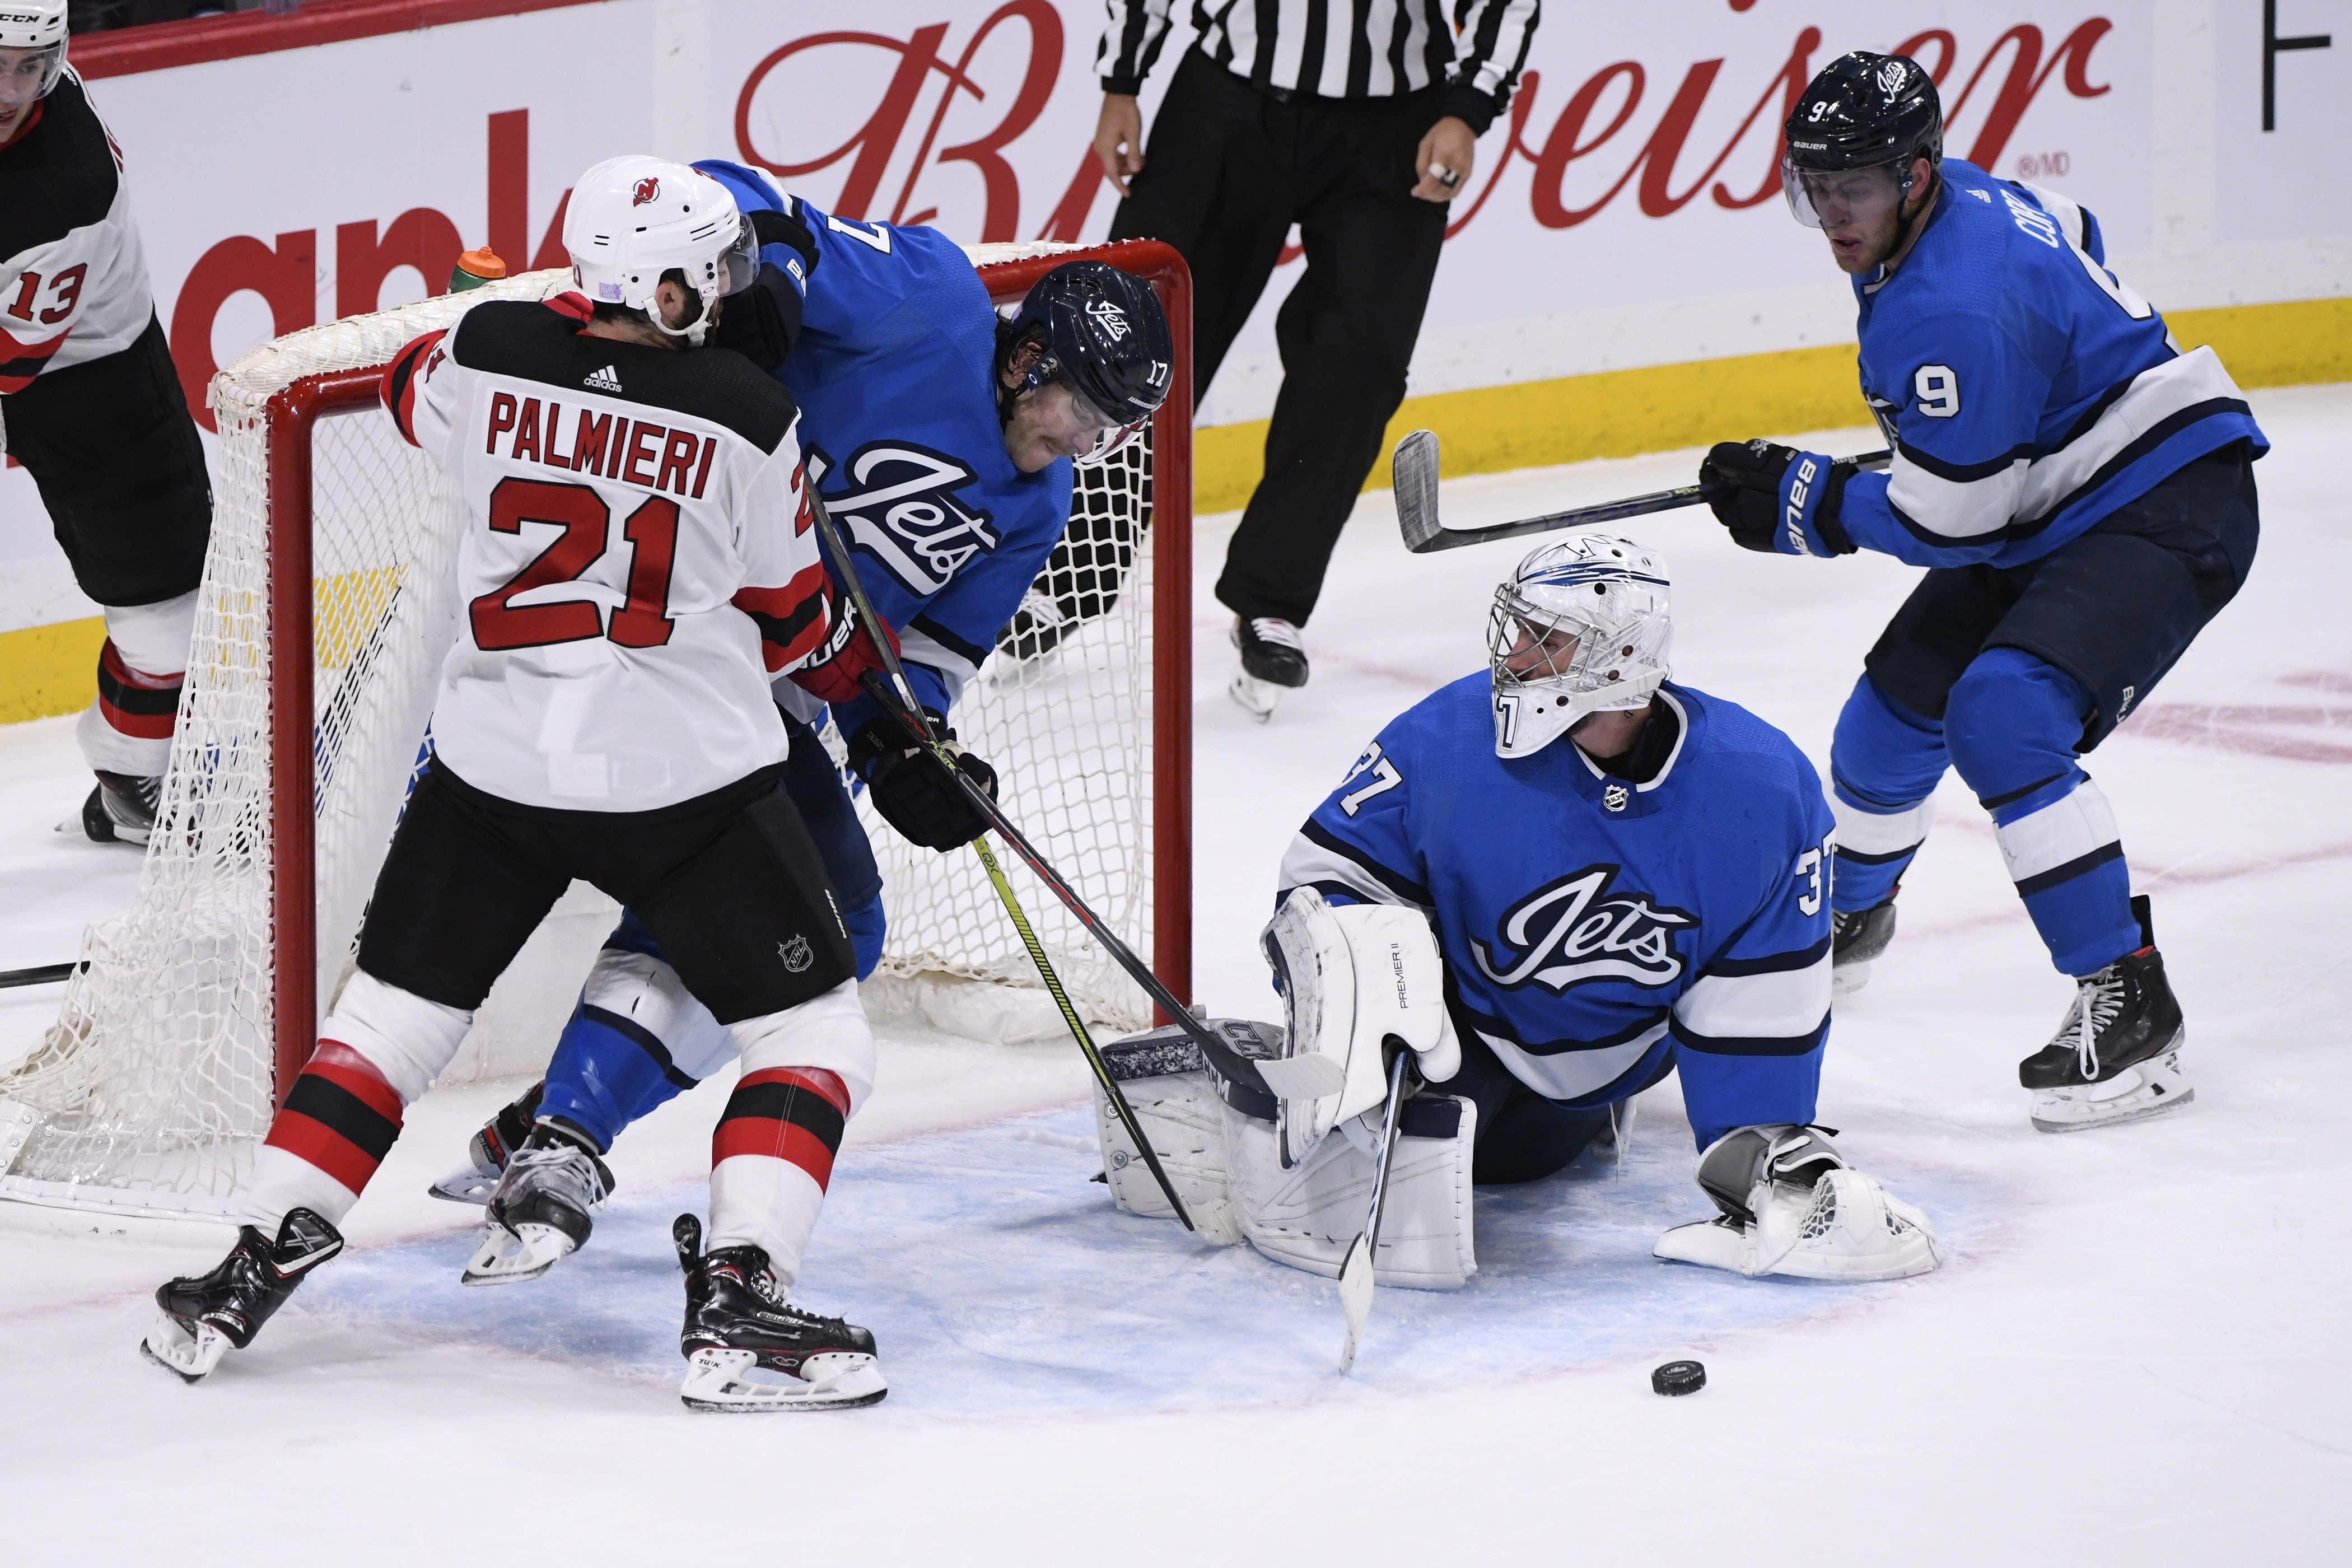 Gusev, Boqvist help Devils top Jets in shootout - Yahoo Sports